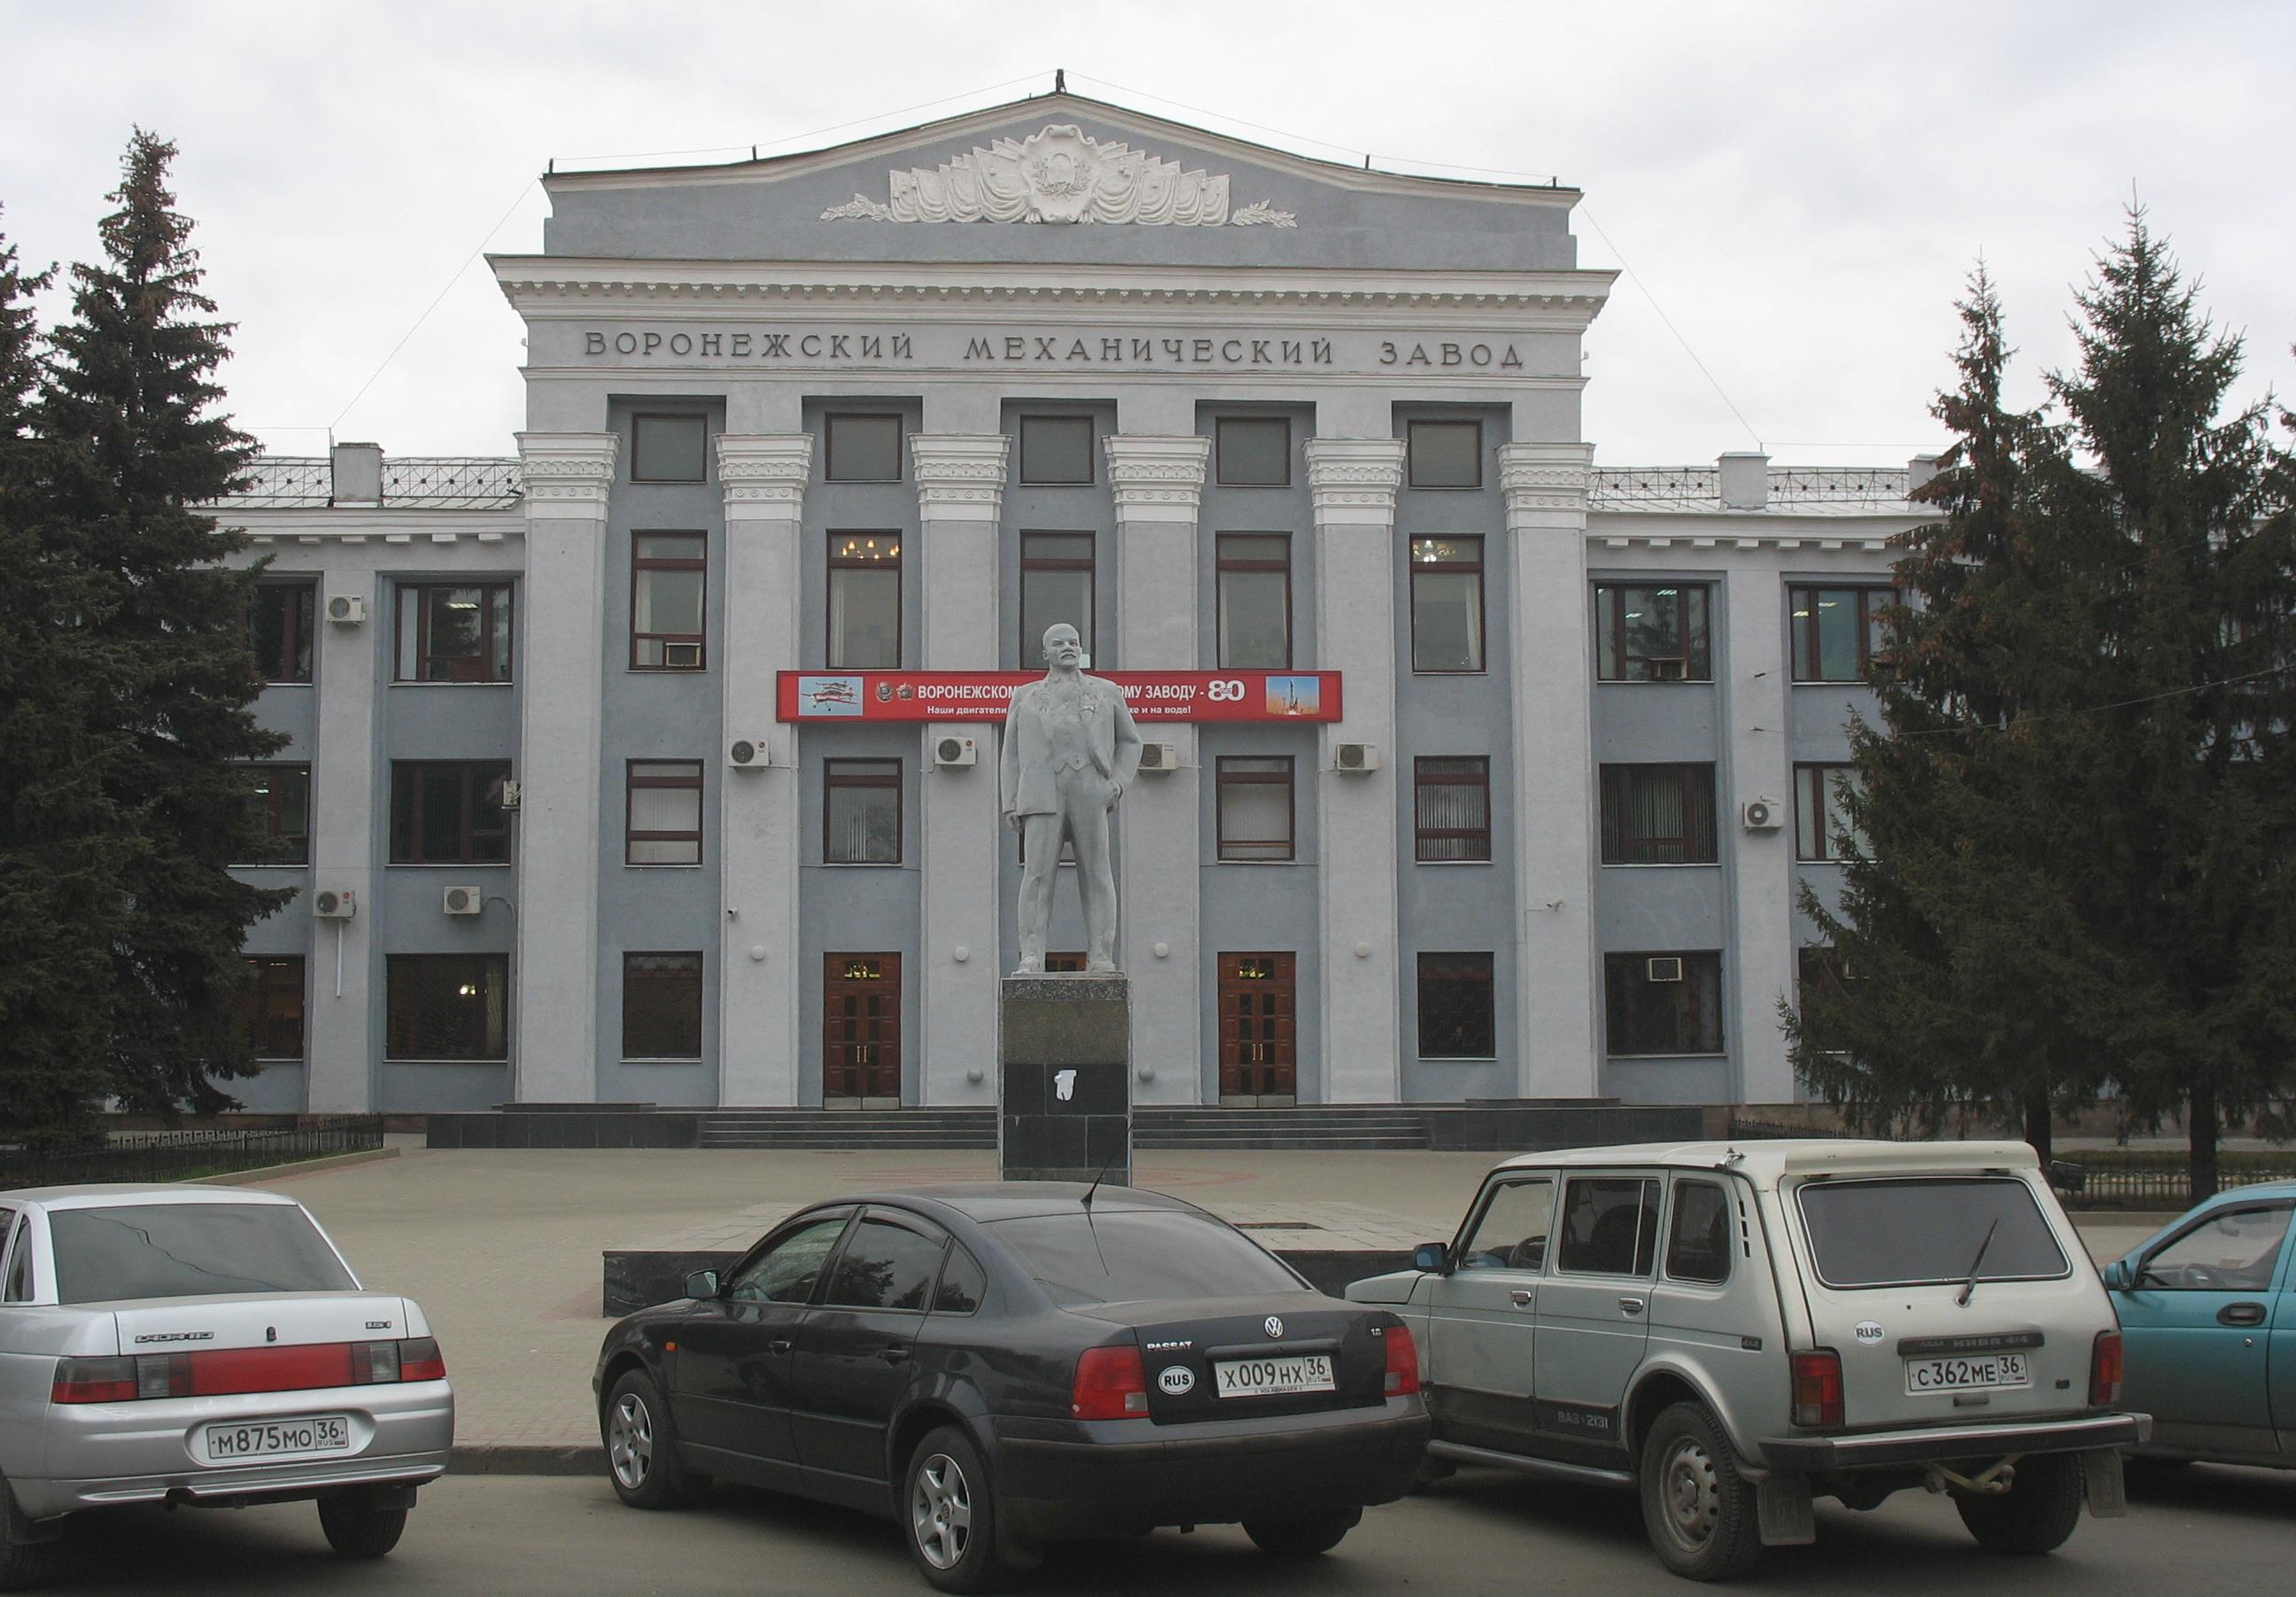 Воронежский механический завод доклад 6925